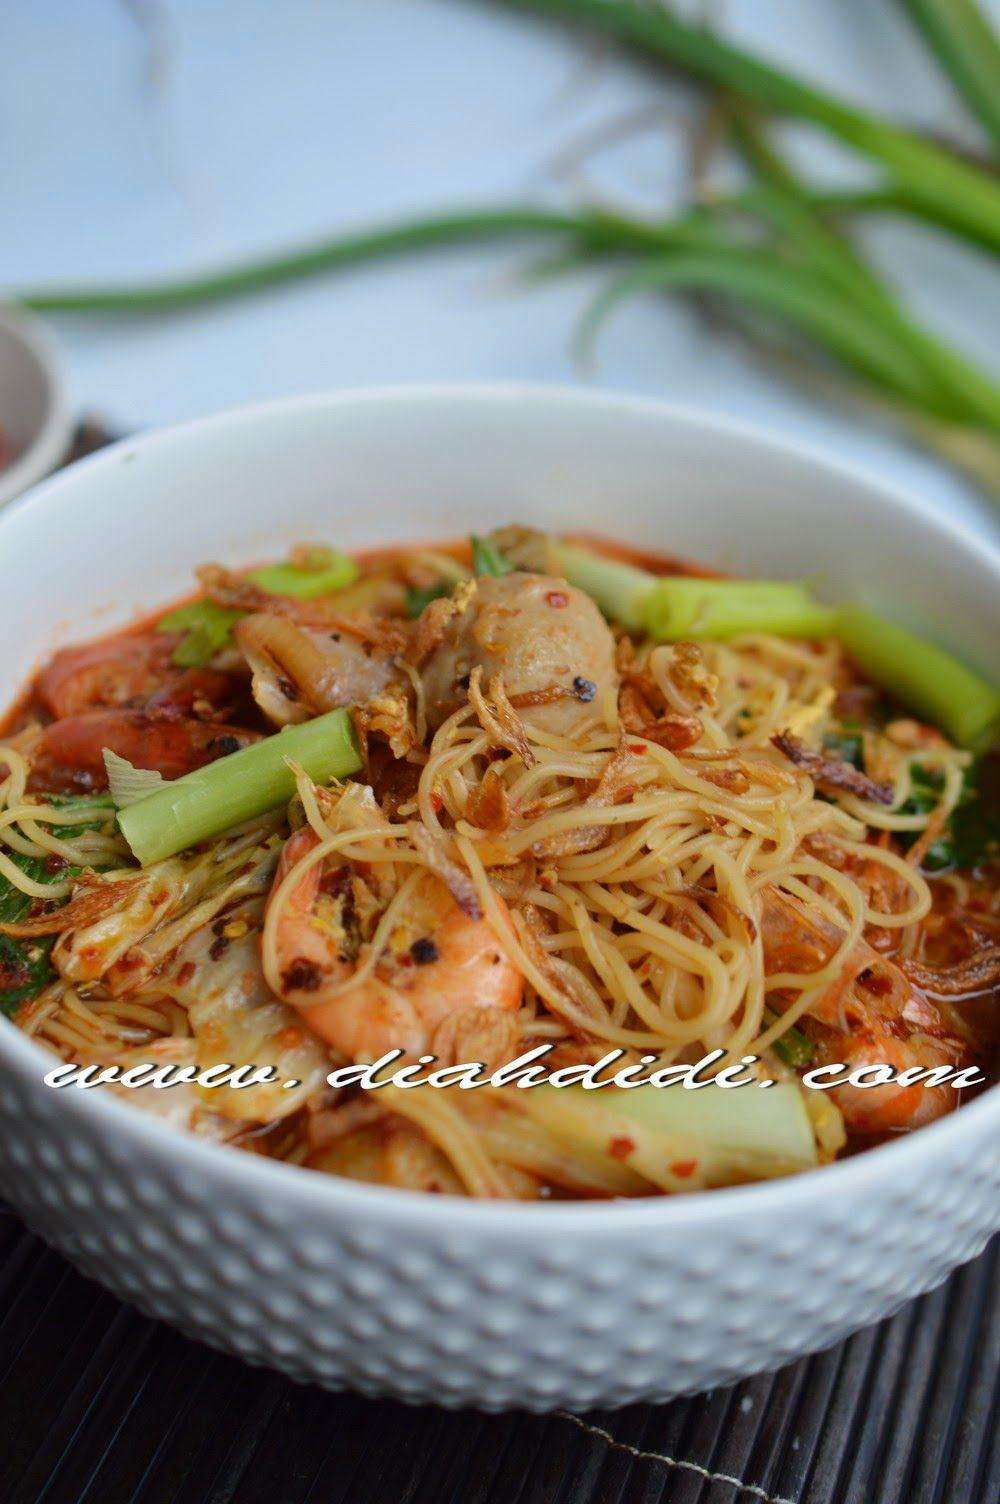 Bihun Kuah Pedas Resep Masakan Sehat Resep Masakan Makan Malam